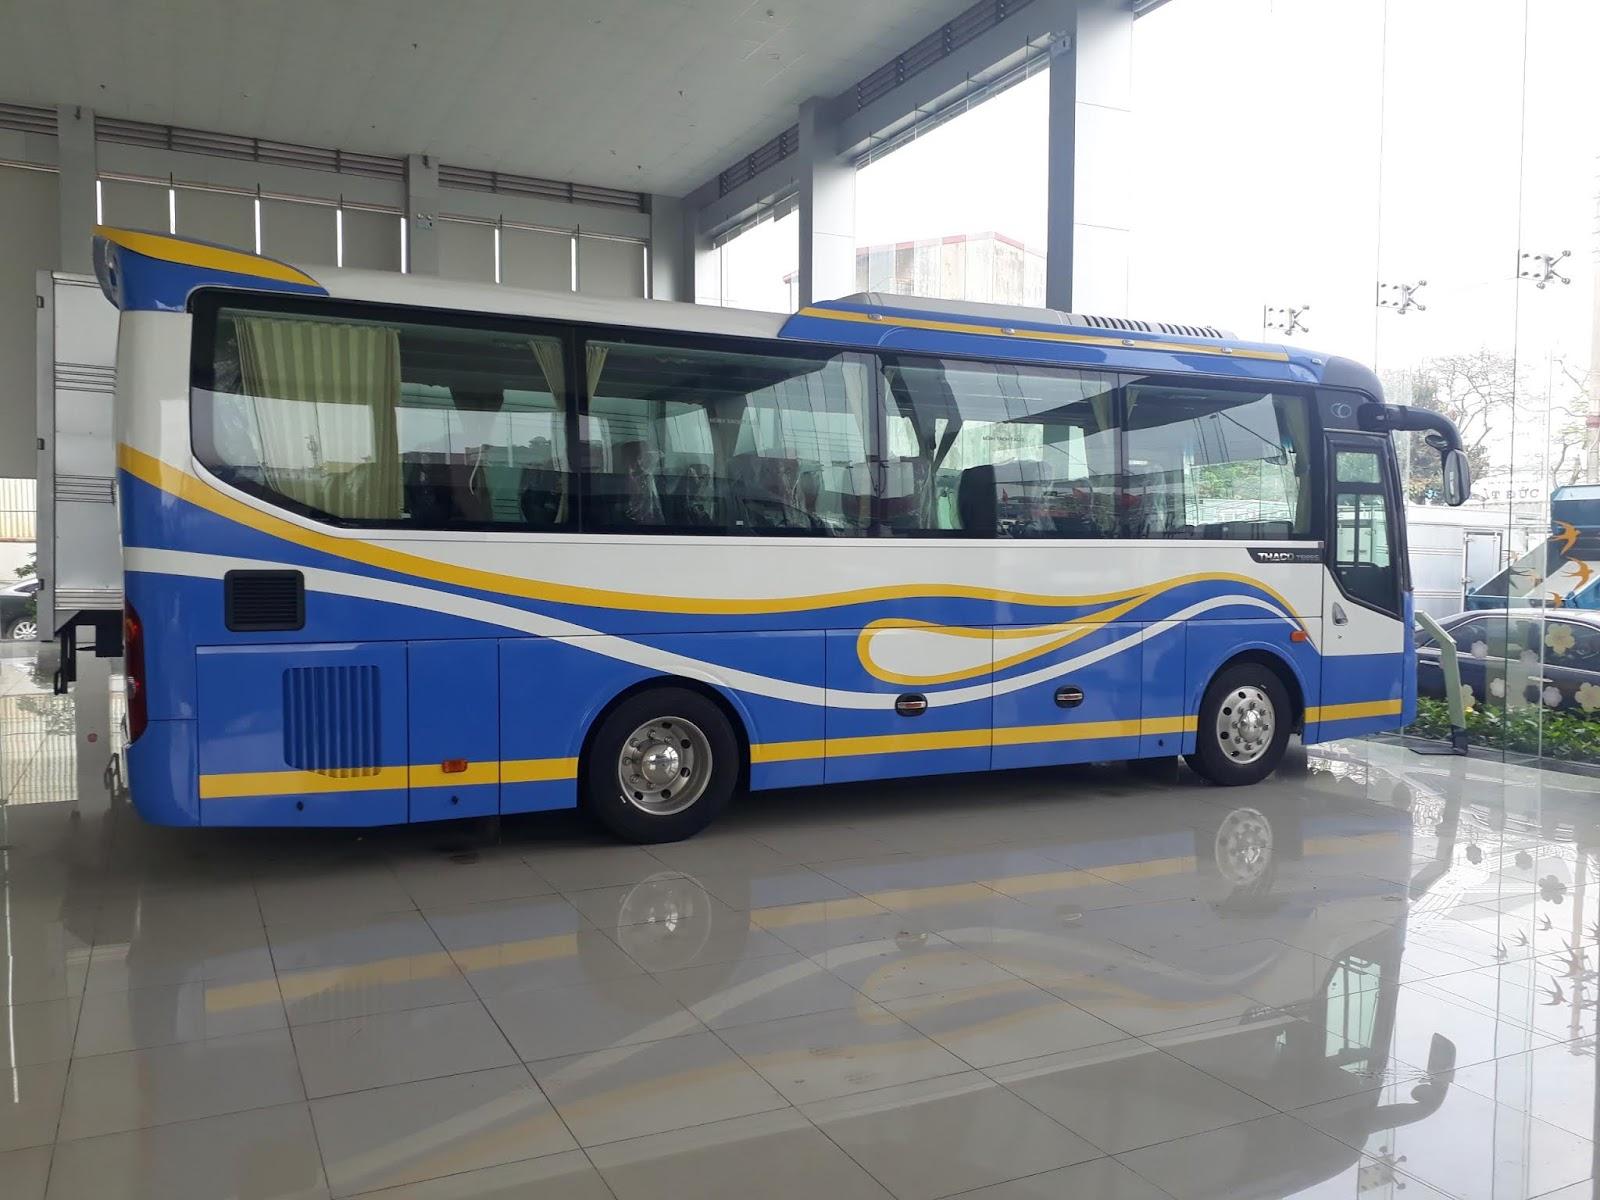 Mua xe khách 29 chỗ bầu hơi tại Hải Phòng